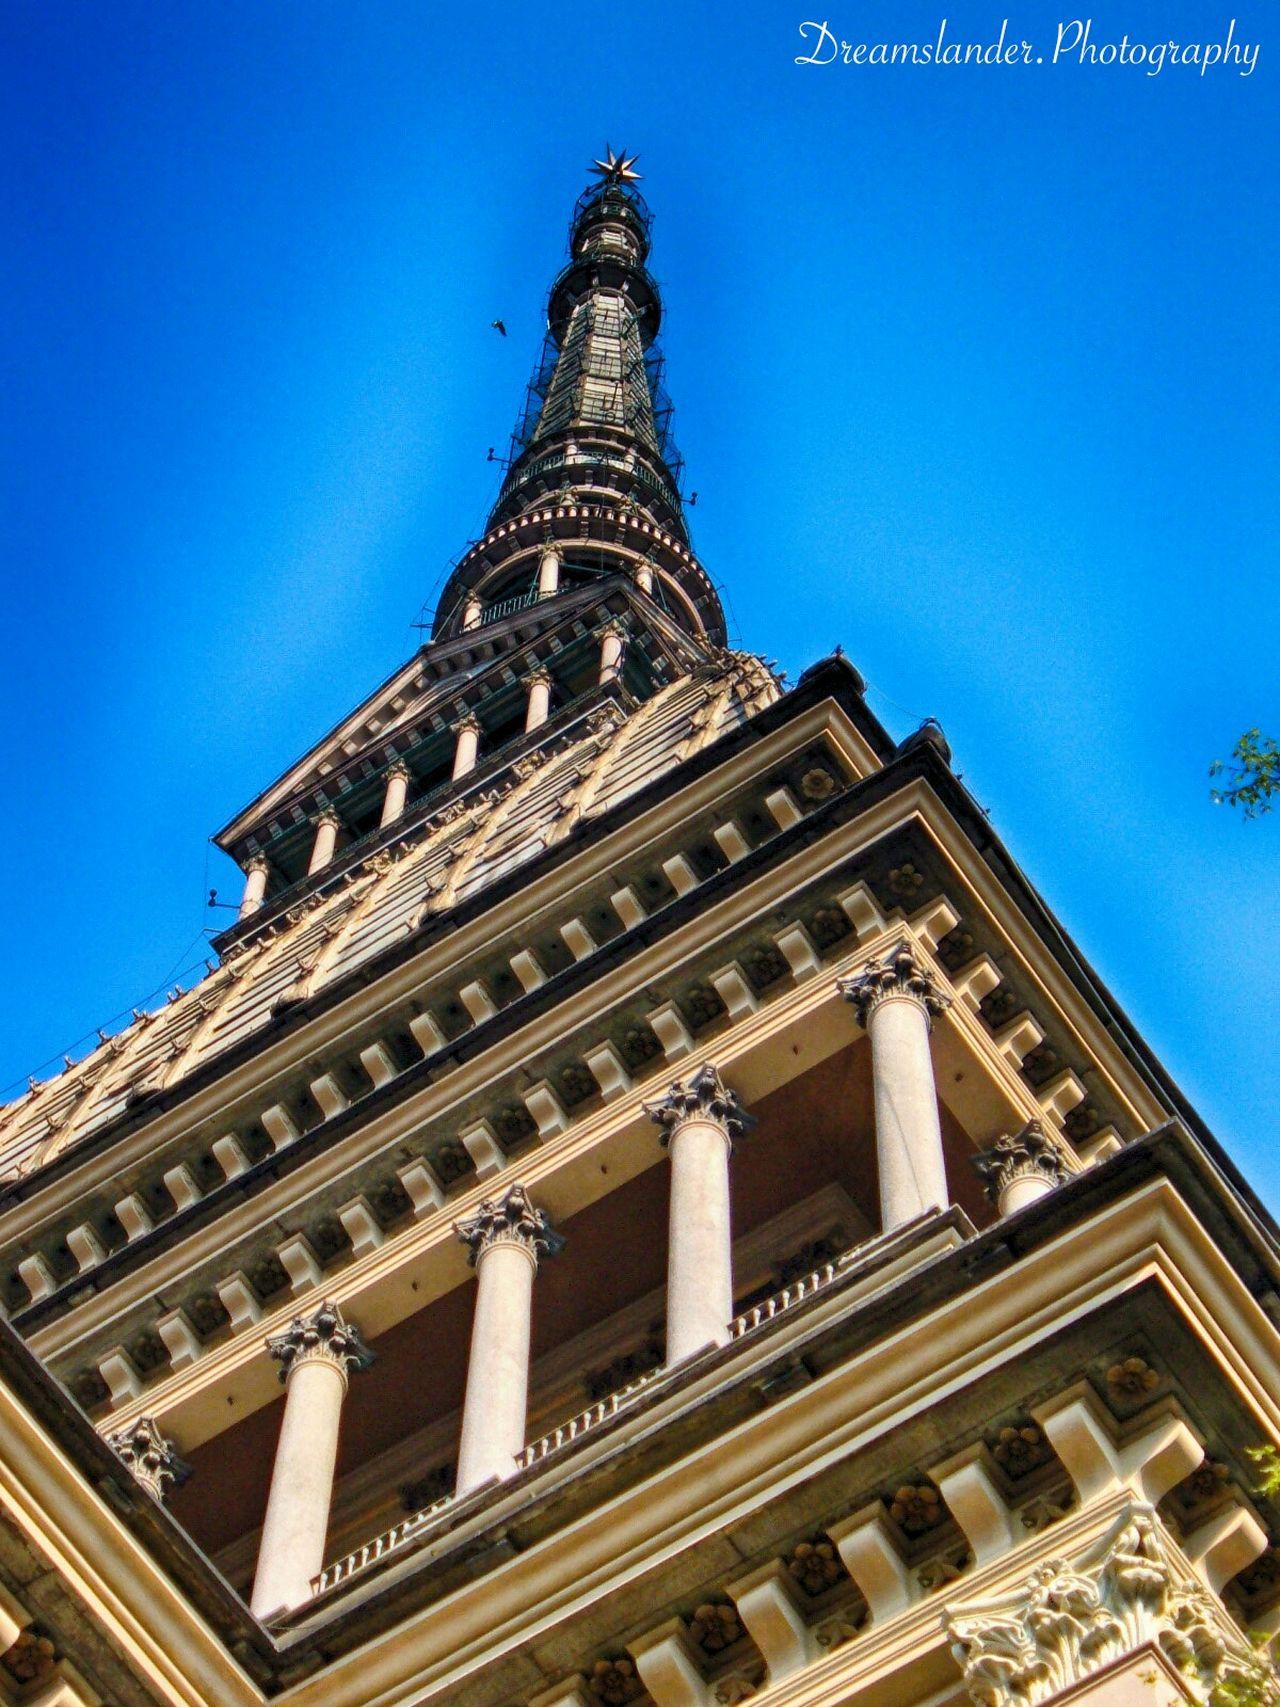 Tower Urban Architecture Torino , La Mole Architecture Travel Photography Street Photography Torino